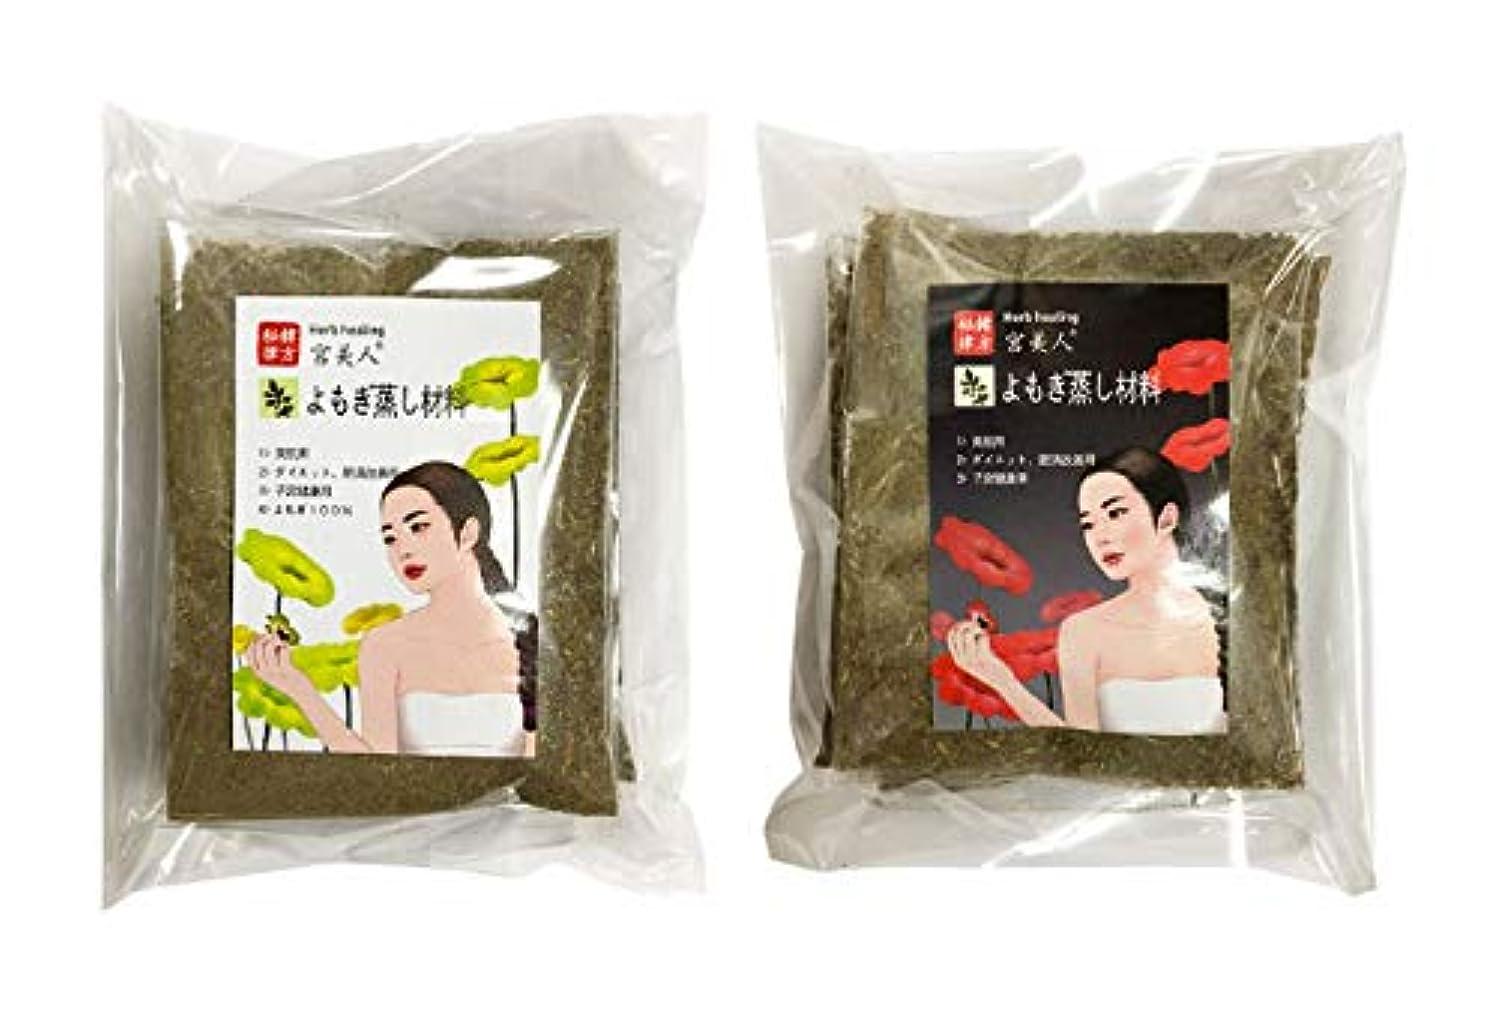 スポンジ使用法スーツヨモギ蒸しの座浴材、子宮健康用用30グラム 10個セット